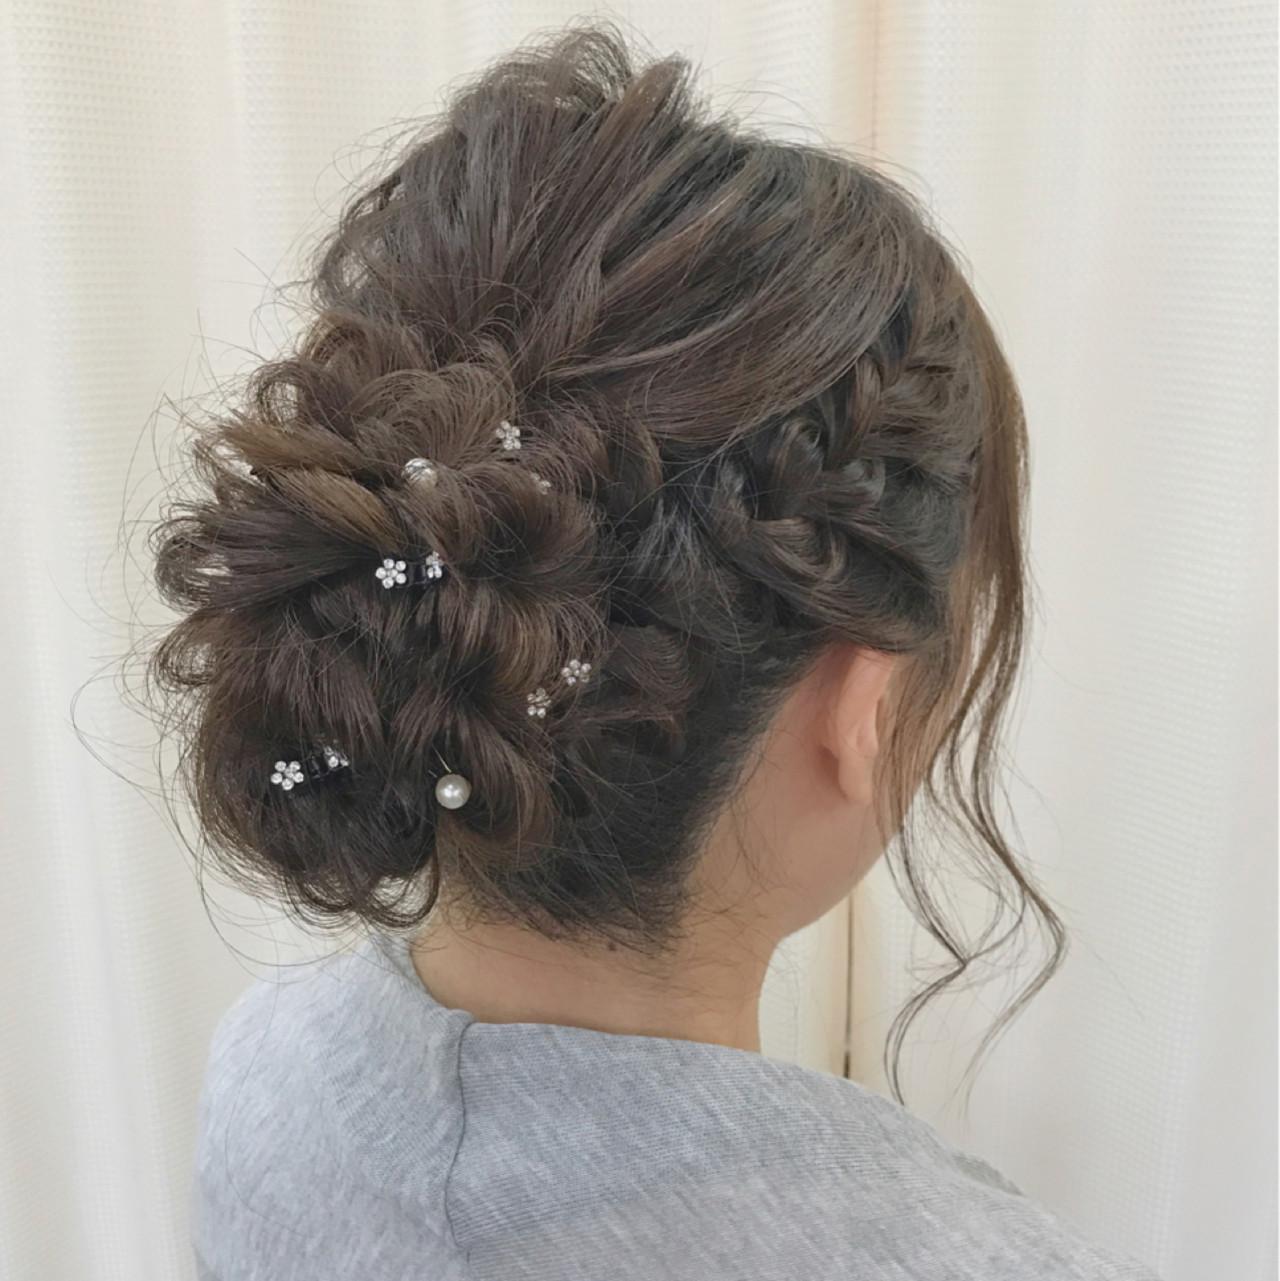 ヘアアレンジ ロング 大人女子 結婚式 ヘアスタイルや髪型の写真・画像